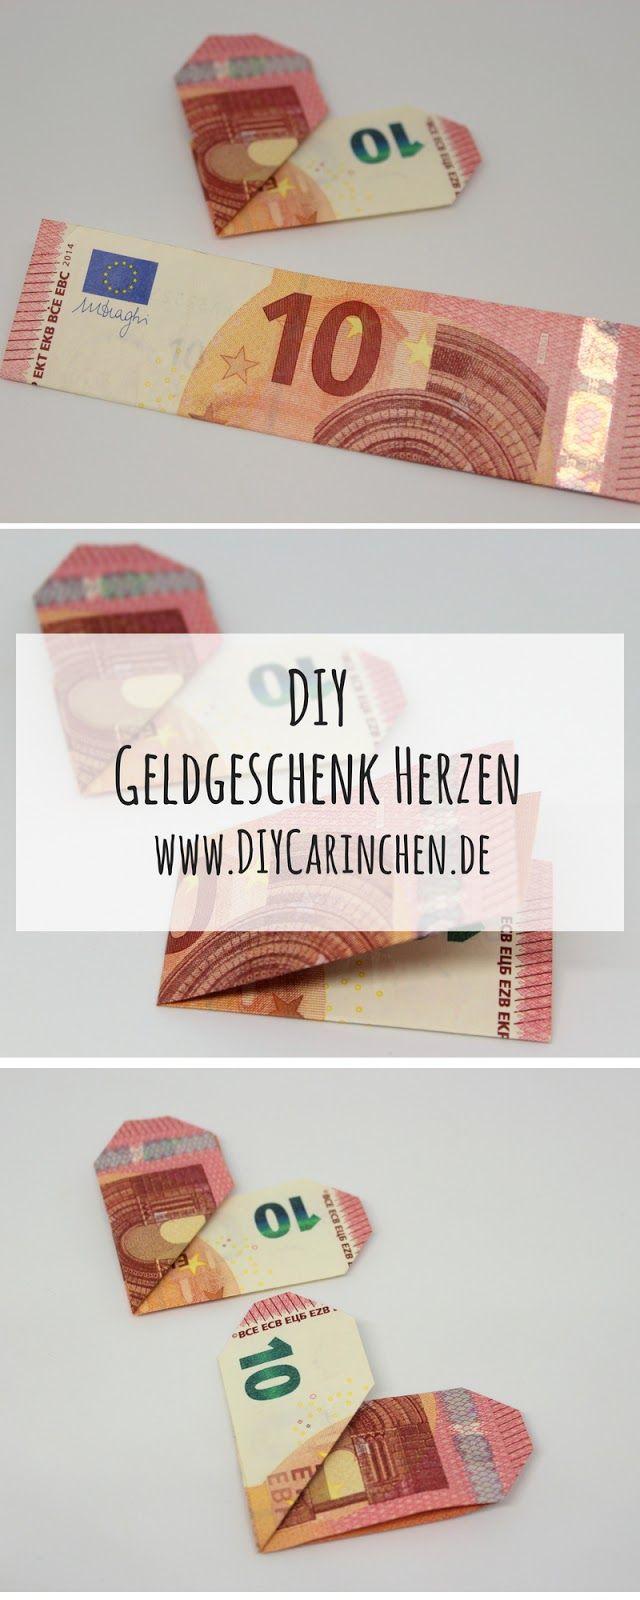 DIY Geldgeschenk Herzen nach Origami Art - die perfekte Geschenkidee ...